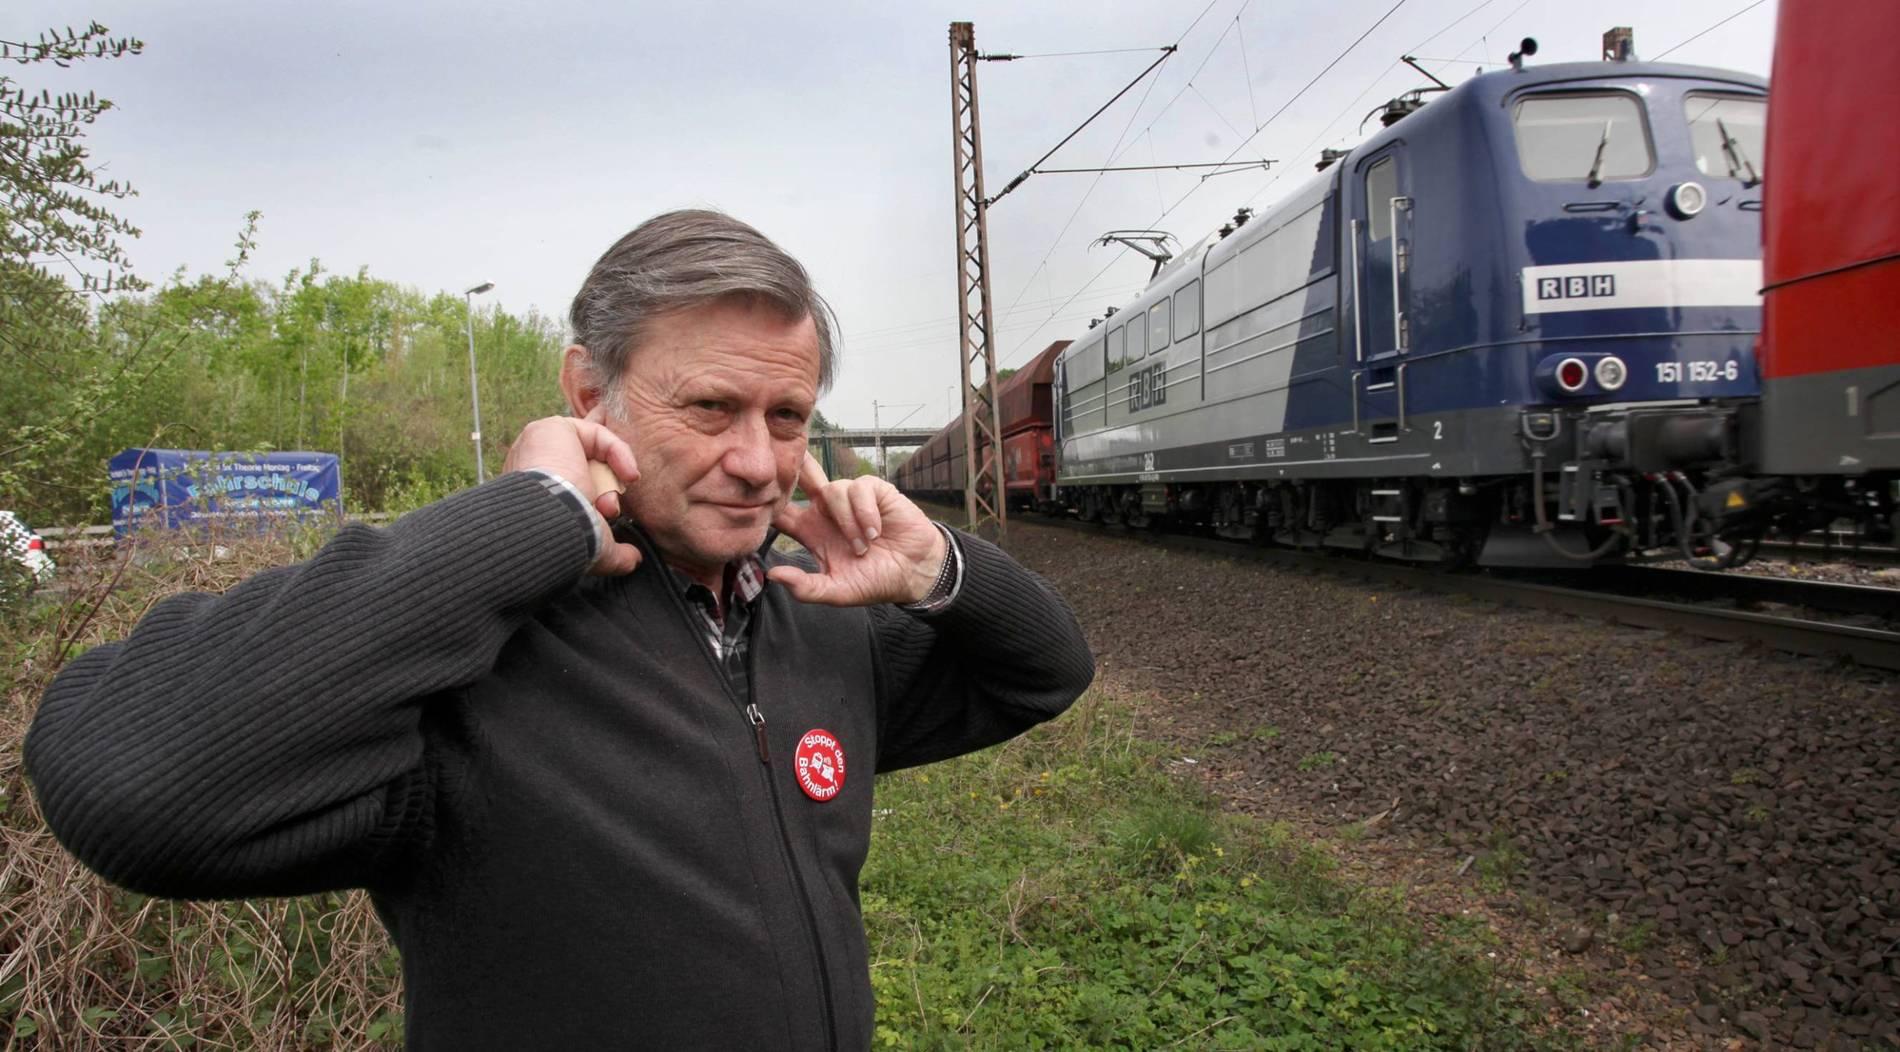 Bahn testet kleinere Lärmschutzwände